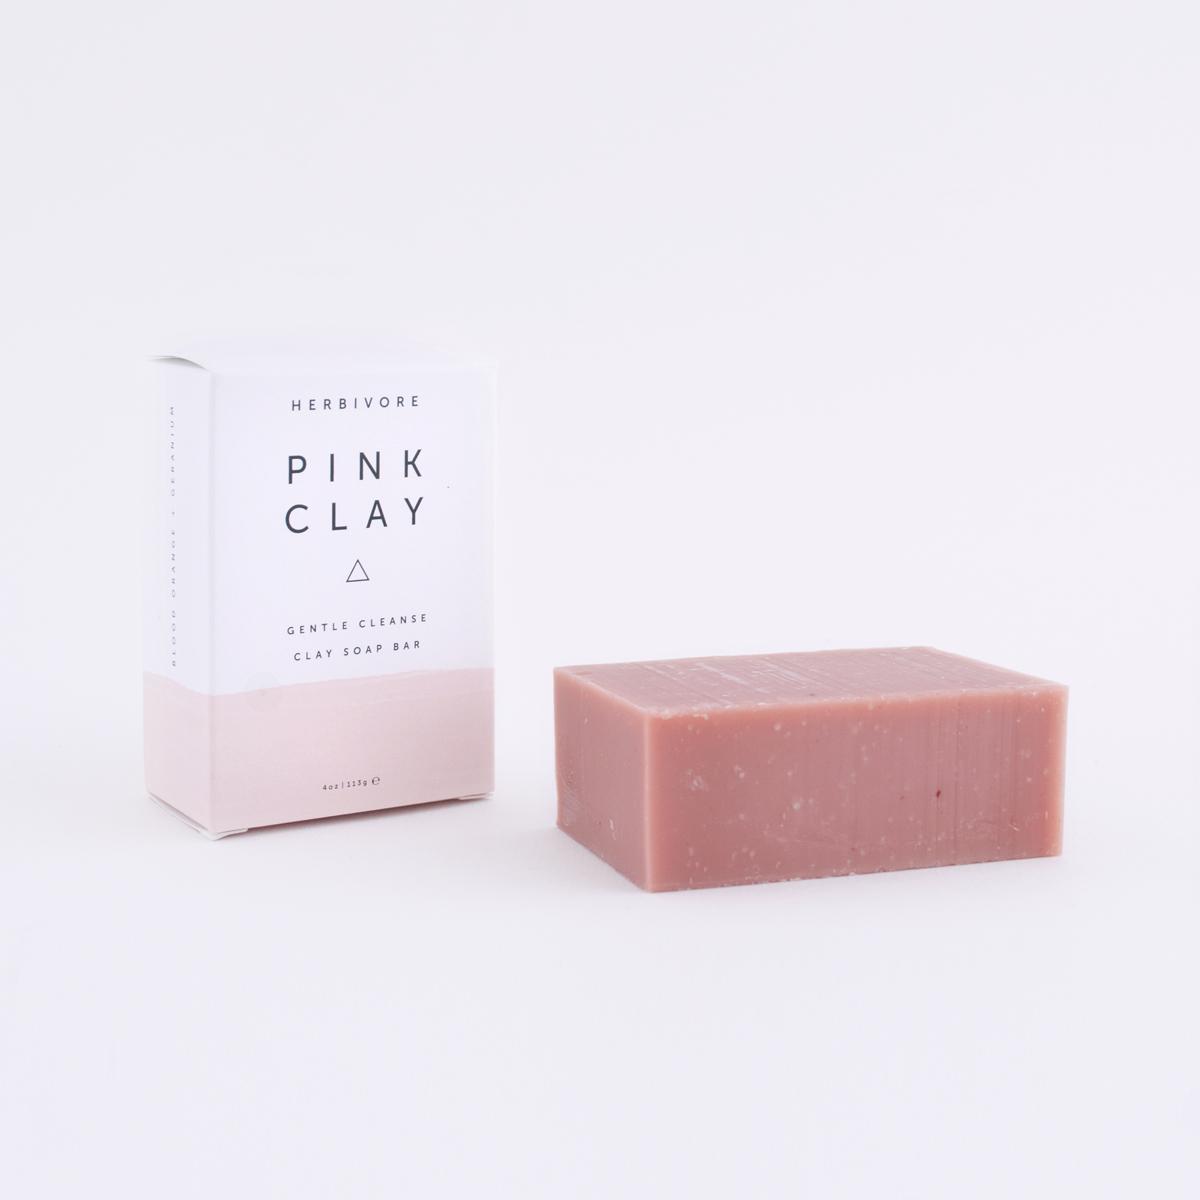 herbivore-pink-clay-soap-3